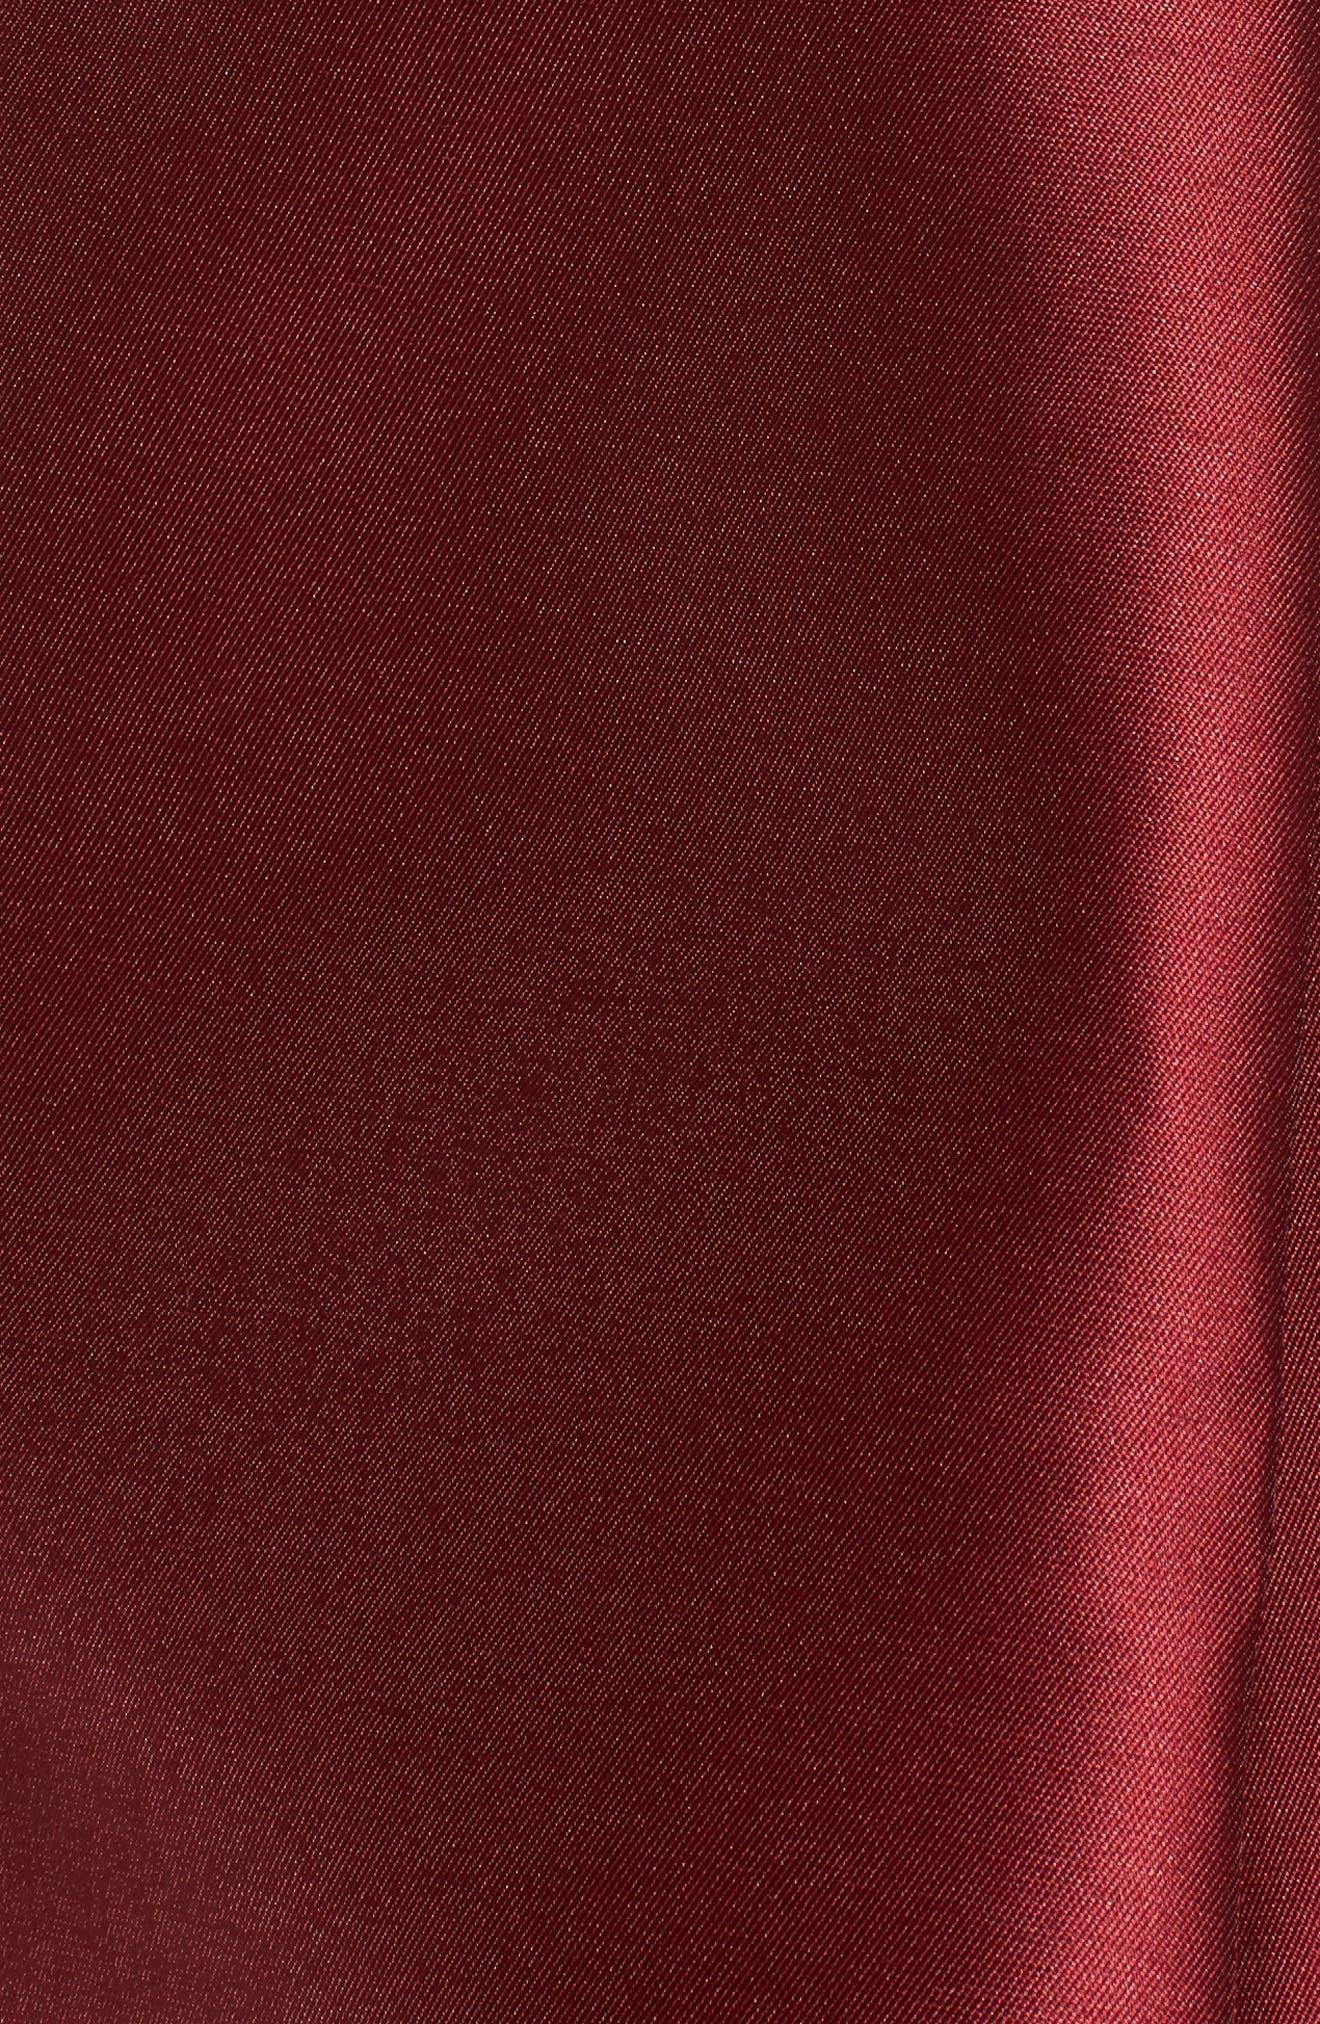 Pleated Mikado Skirt,                             Alternate thumbnail 5, color,                             610